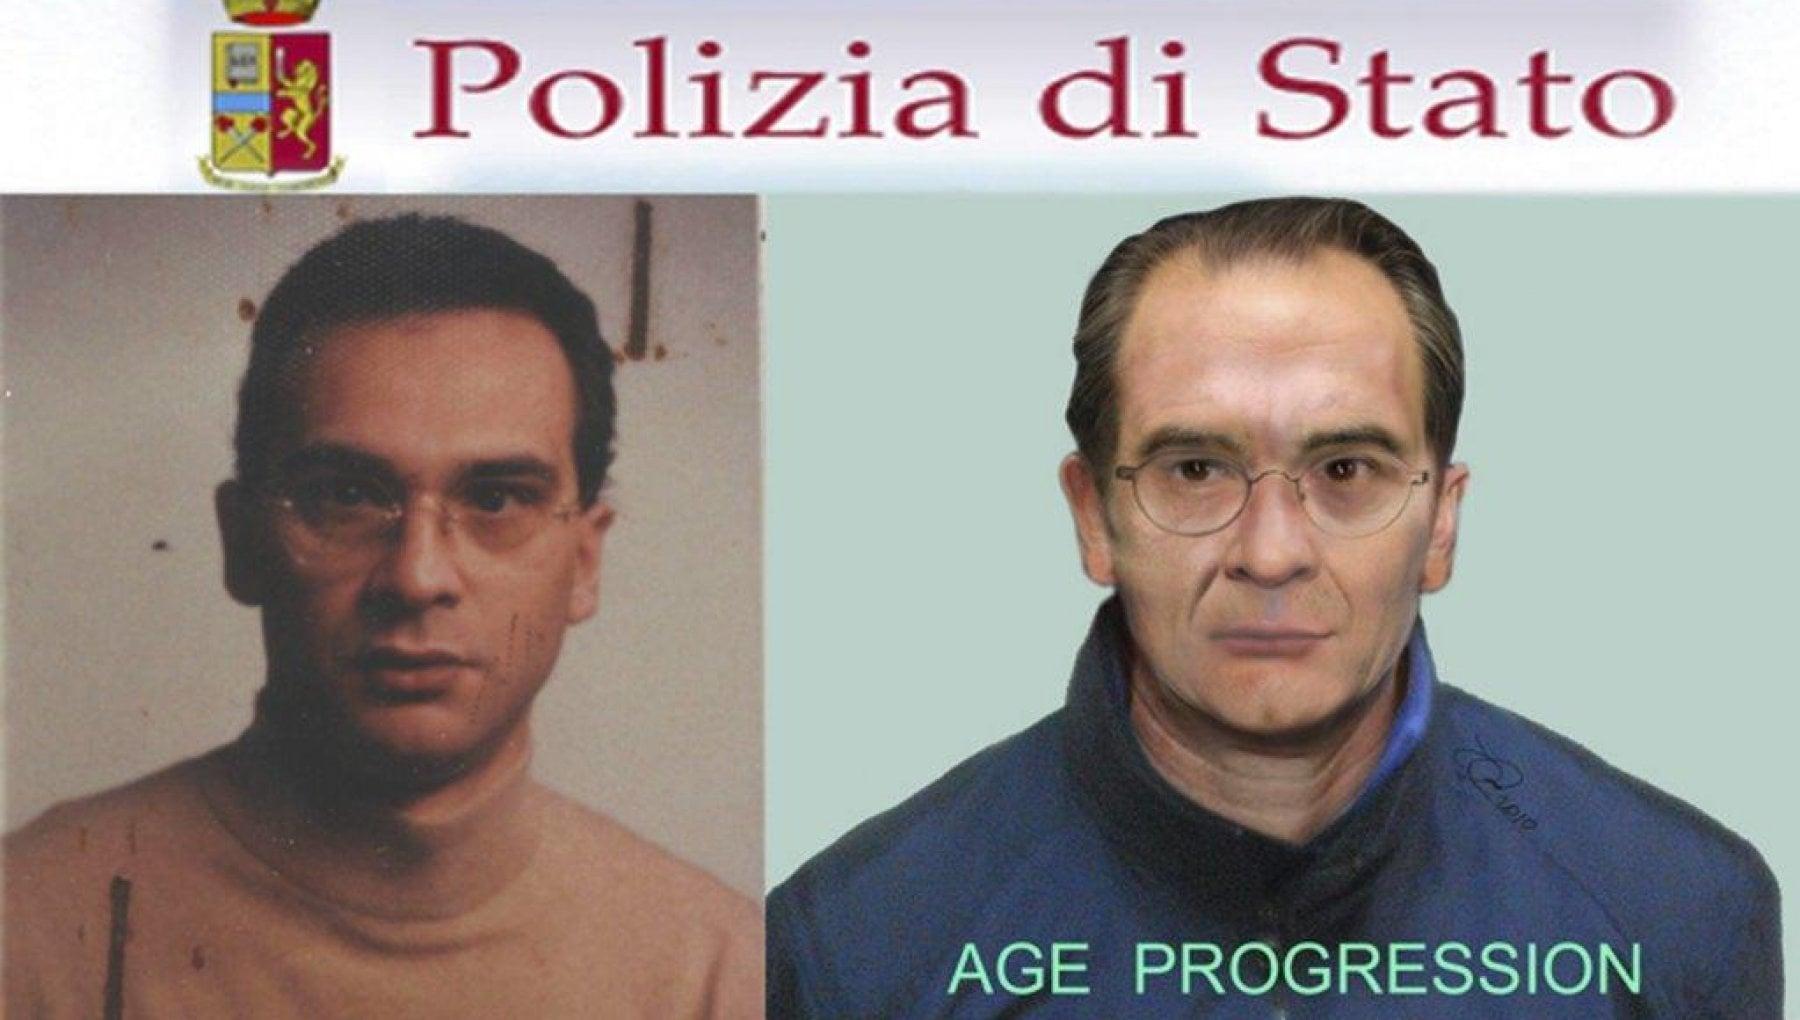 212158543 4f306262 a691 4549 abaa c117b055459c - Turista scambiato per Messina Denaro, il blitz in Olanda partito da Trento